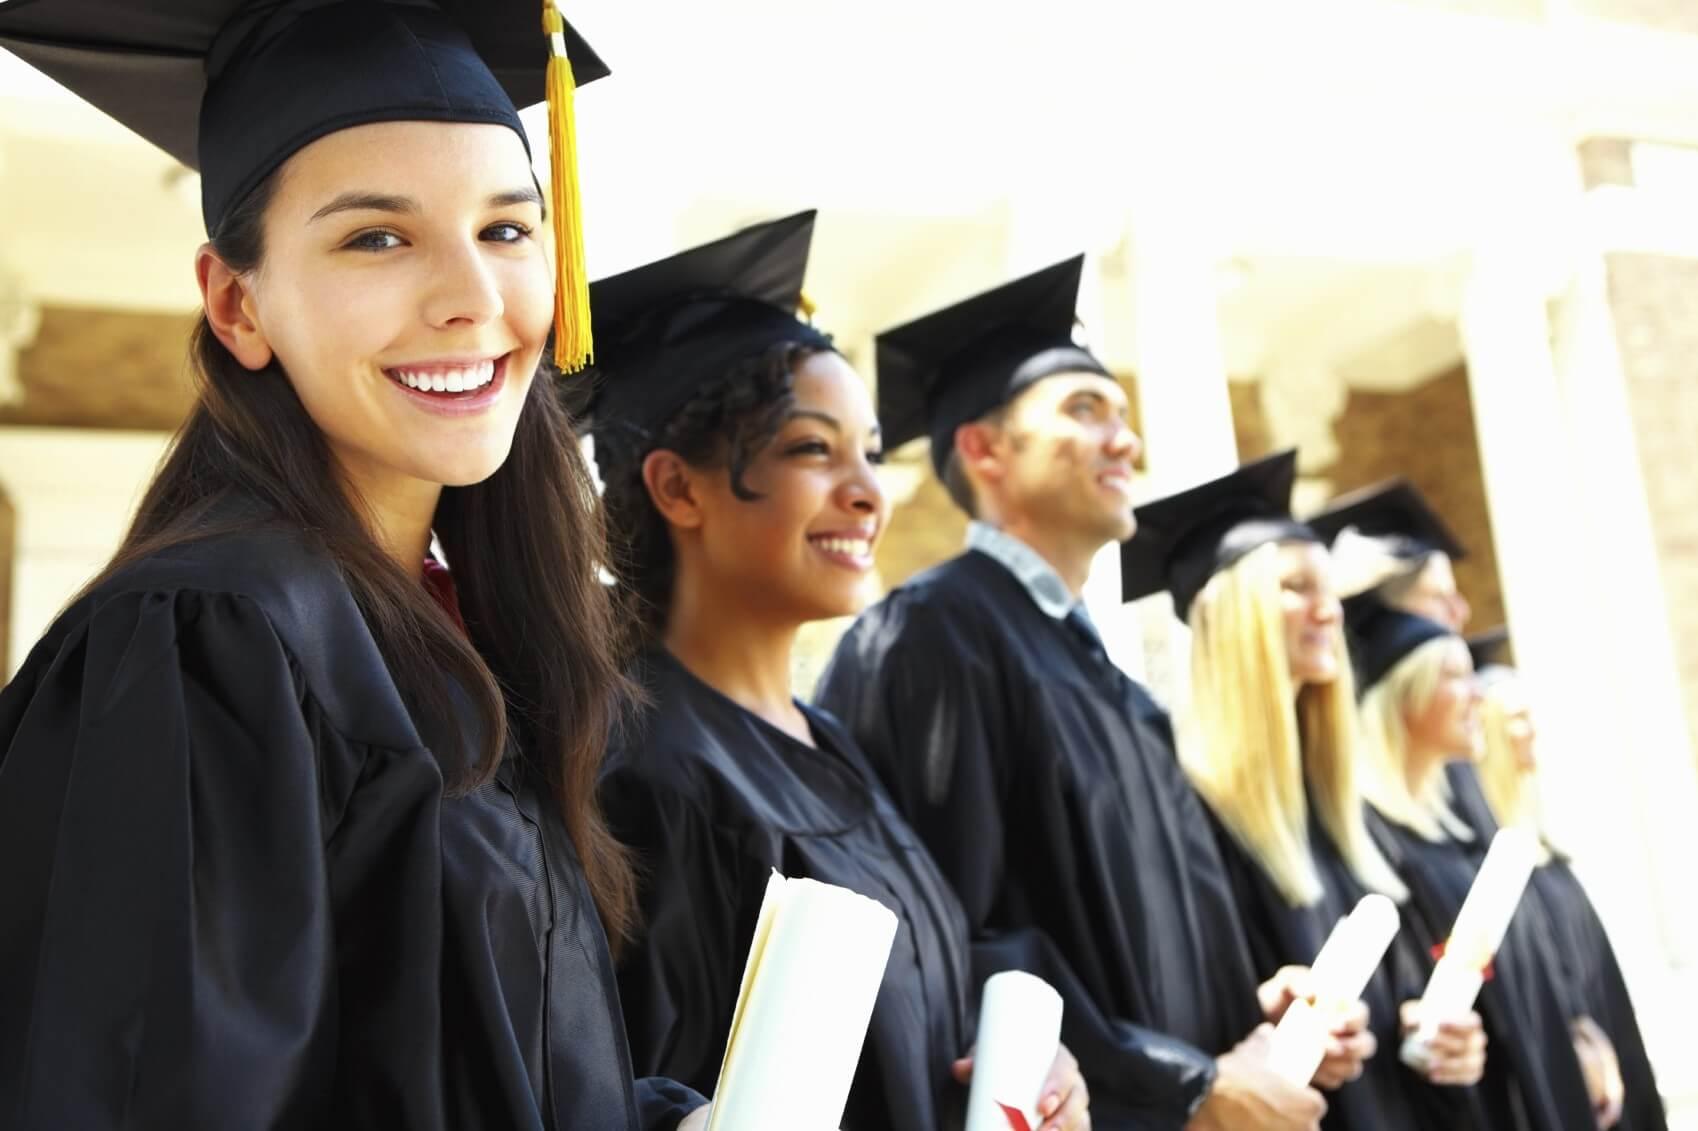 Per Eurostat solo il 58% dei laureati lavora nei tre anni